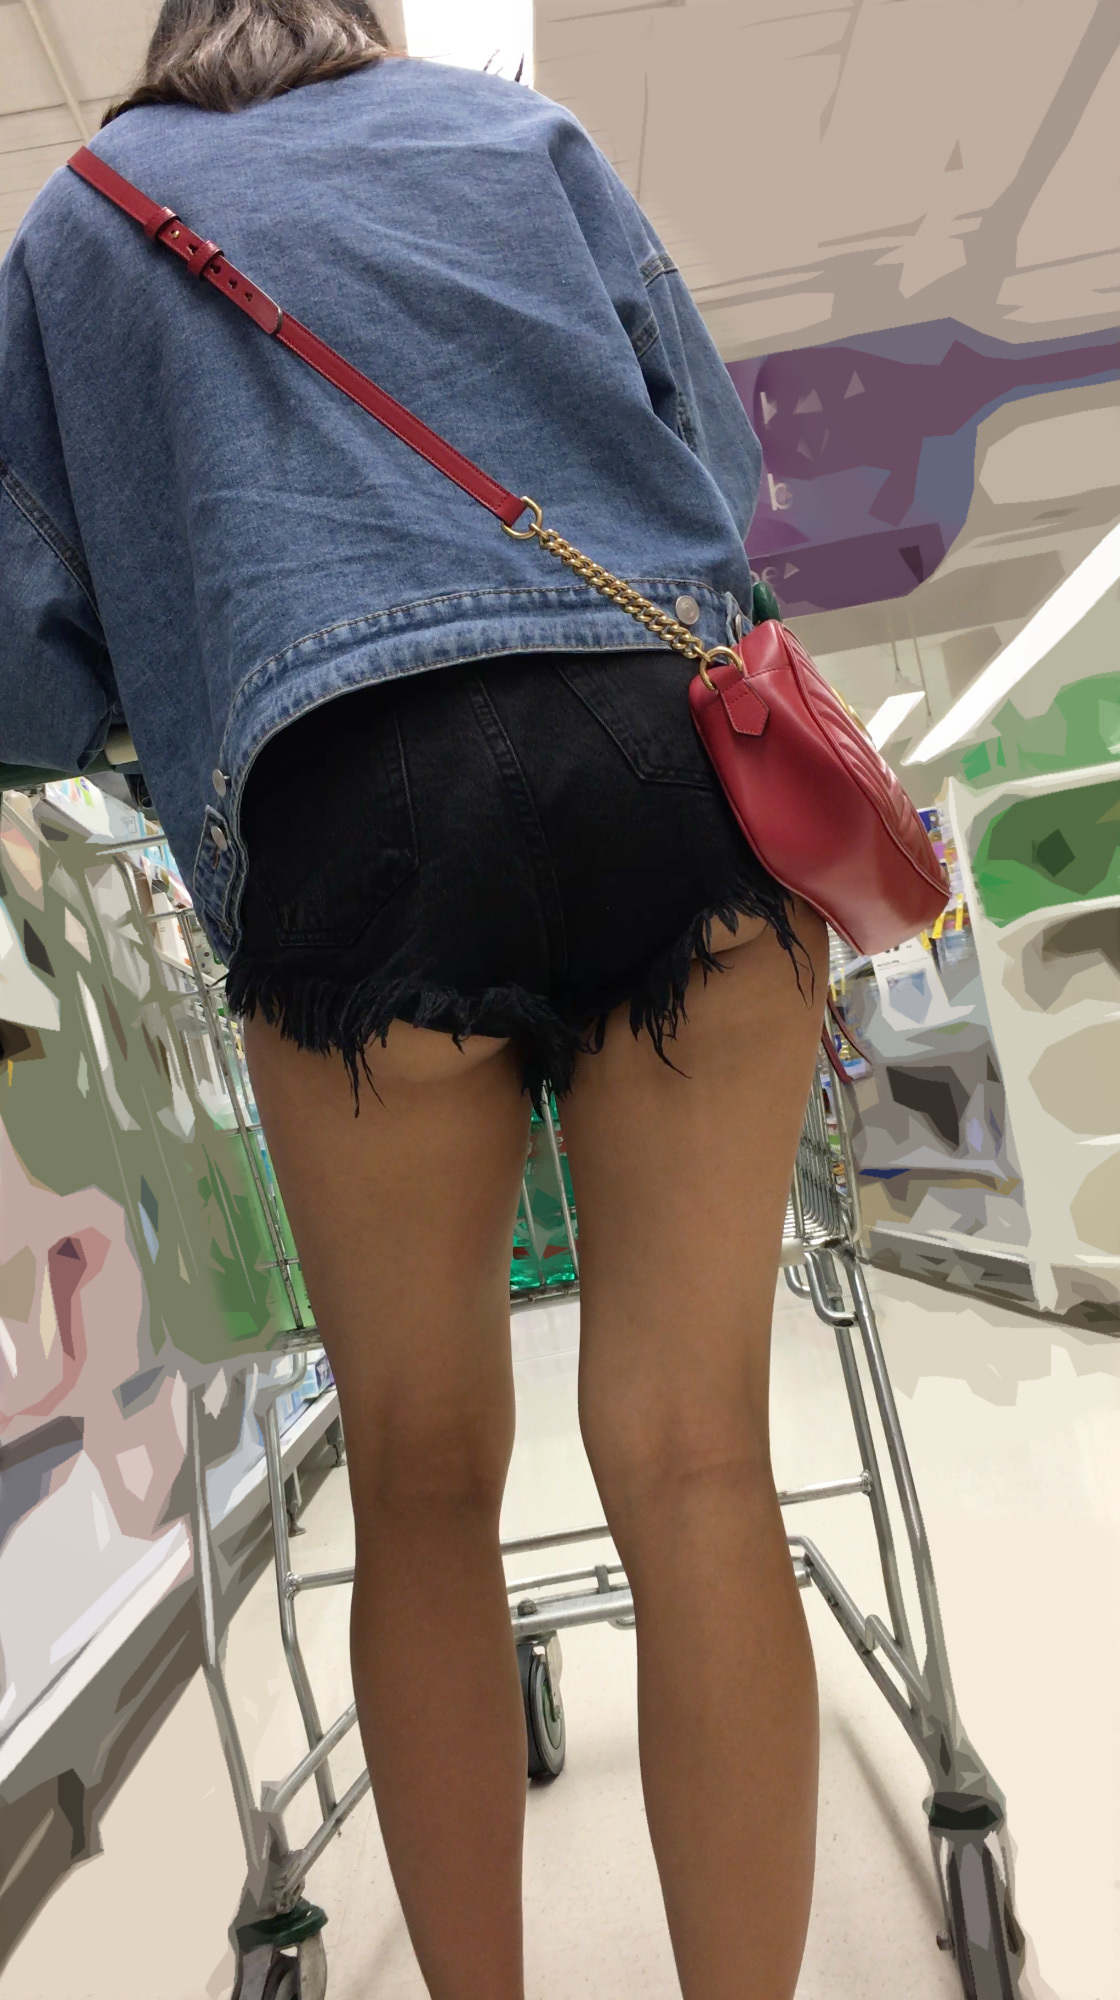 【ハミ尻エロ画像】自分の尻に自信があるから履けるホットパンツ!(;´Д`)